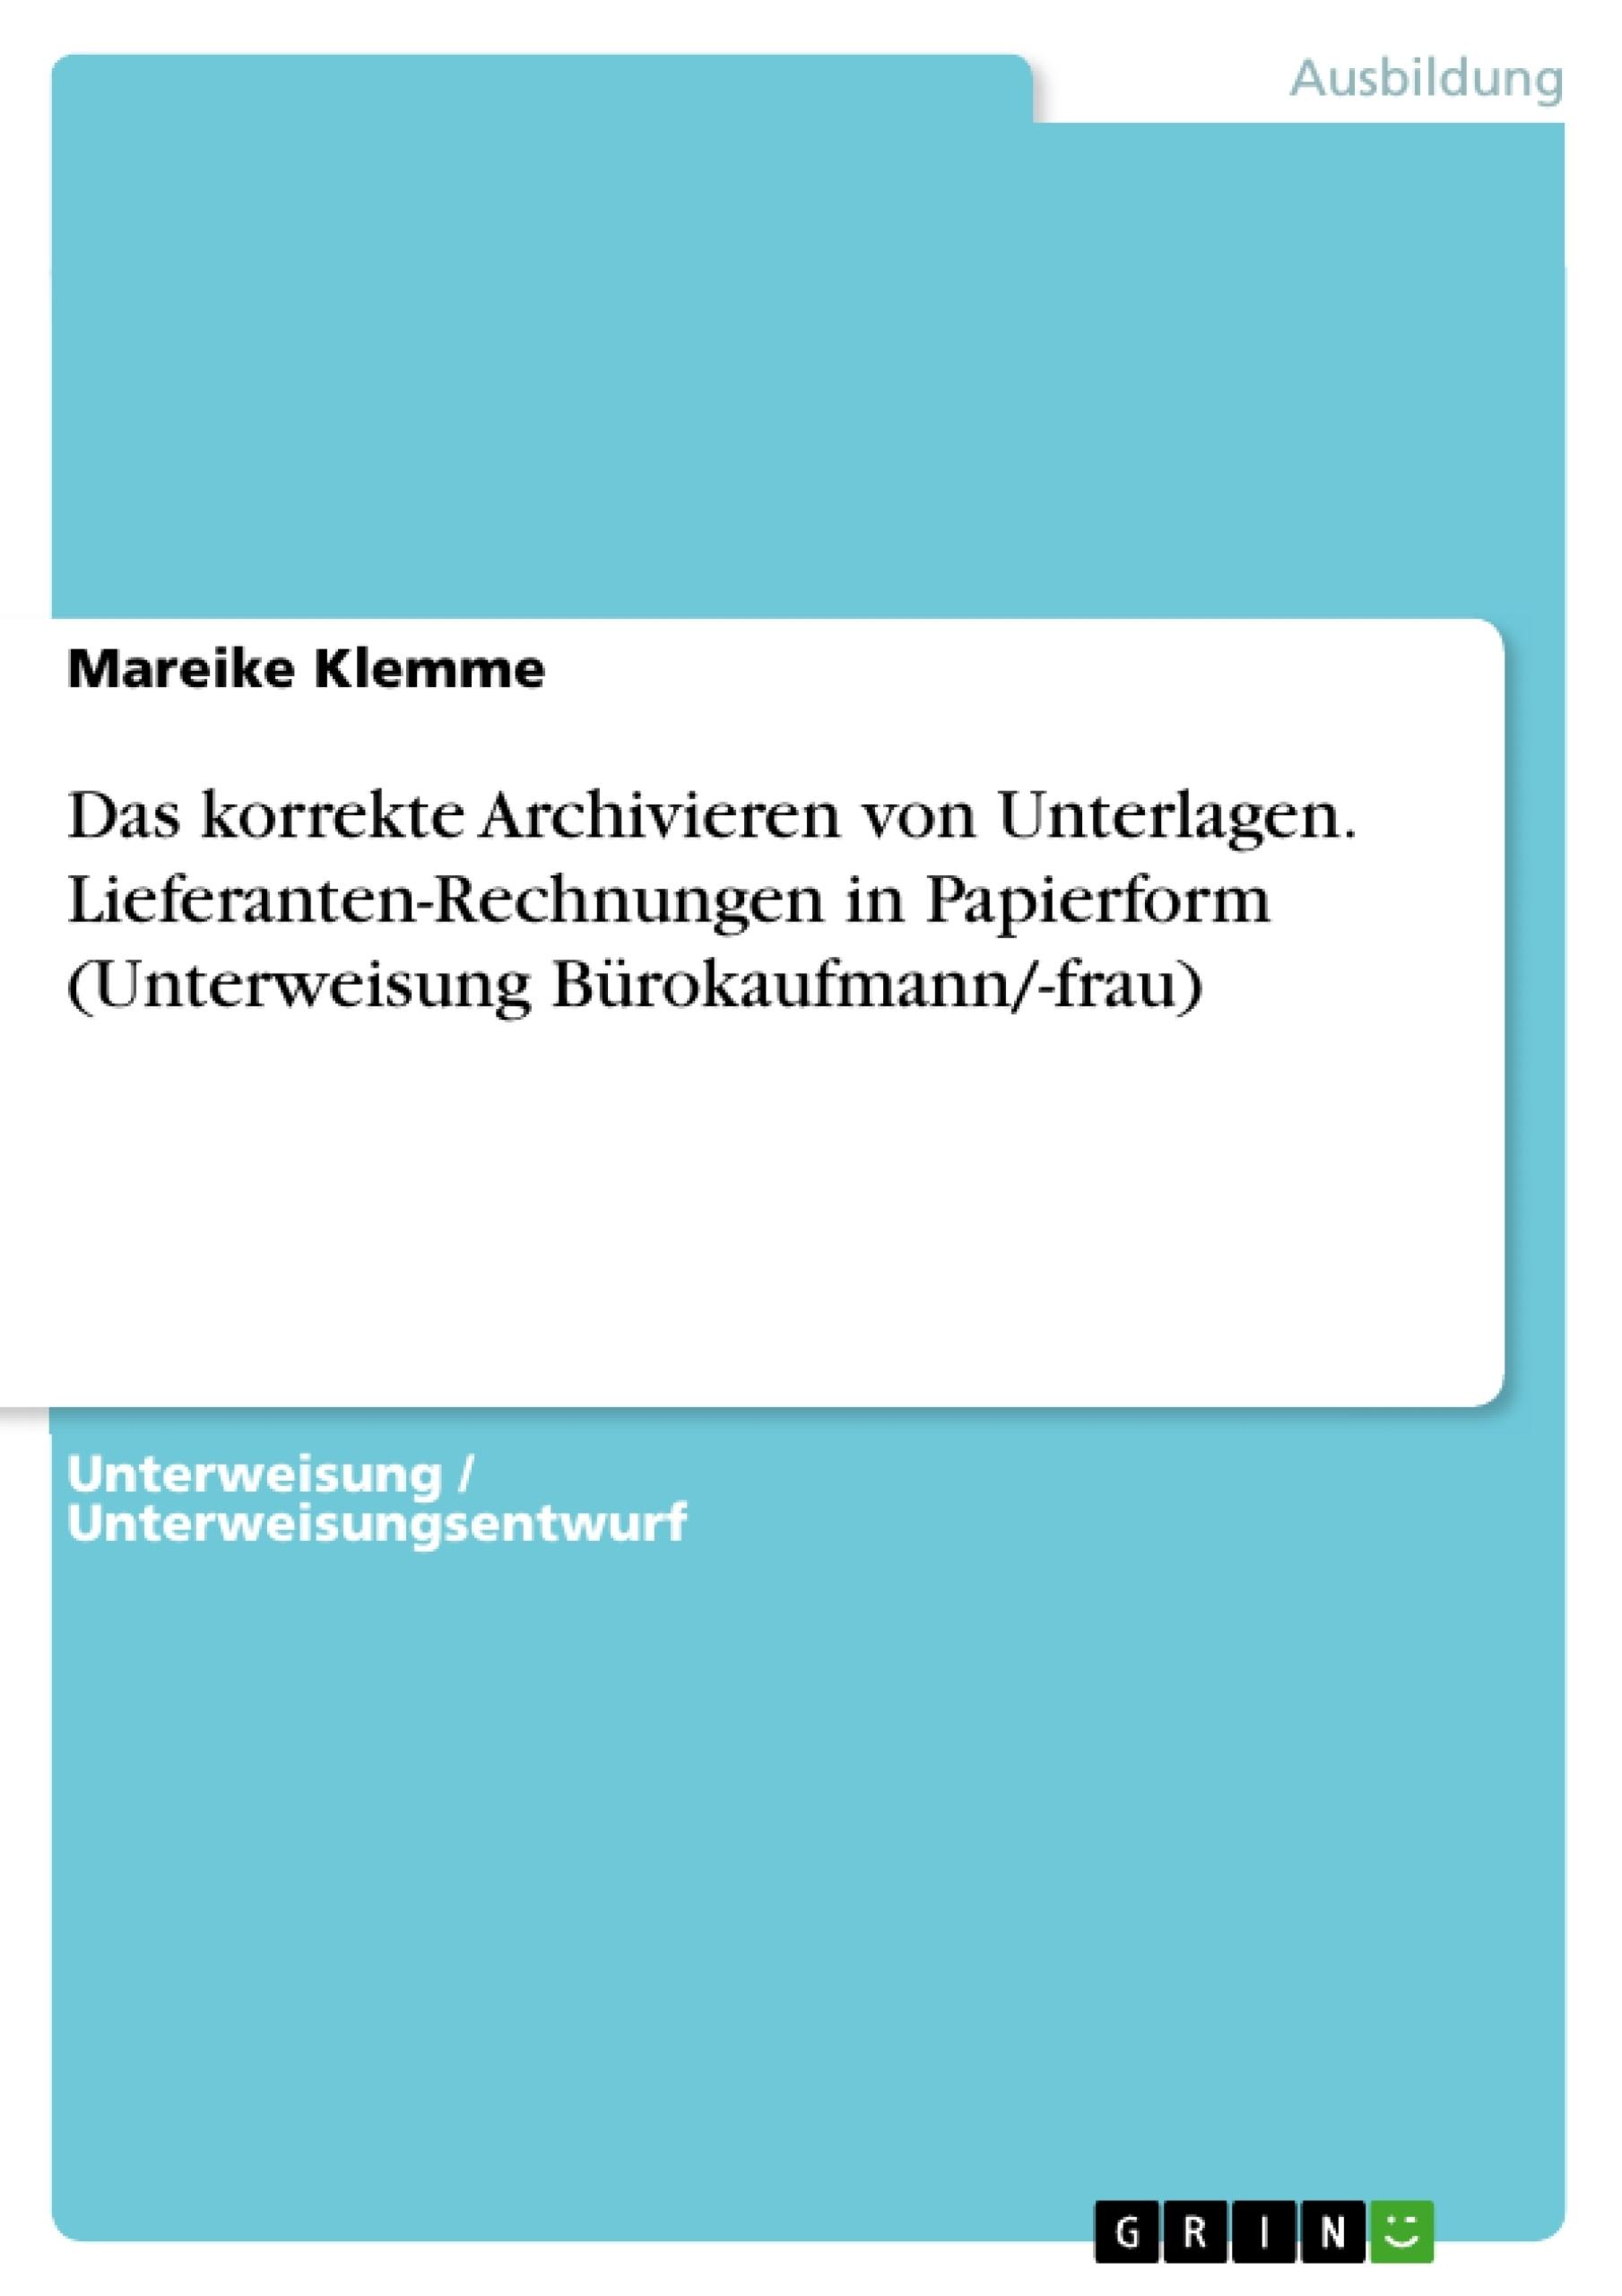 Titel: Das korrekte Archivieren von Unterlagen. Lieferanten-Rechnungen in Papierform (Unterweisung Bürokaufmann/-frau)